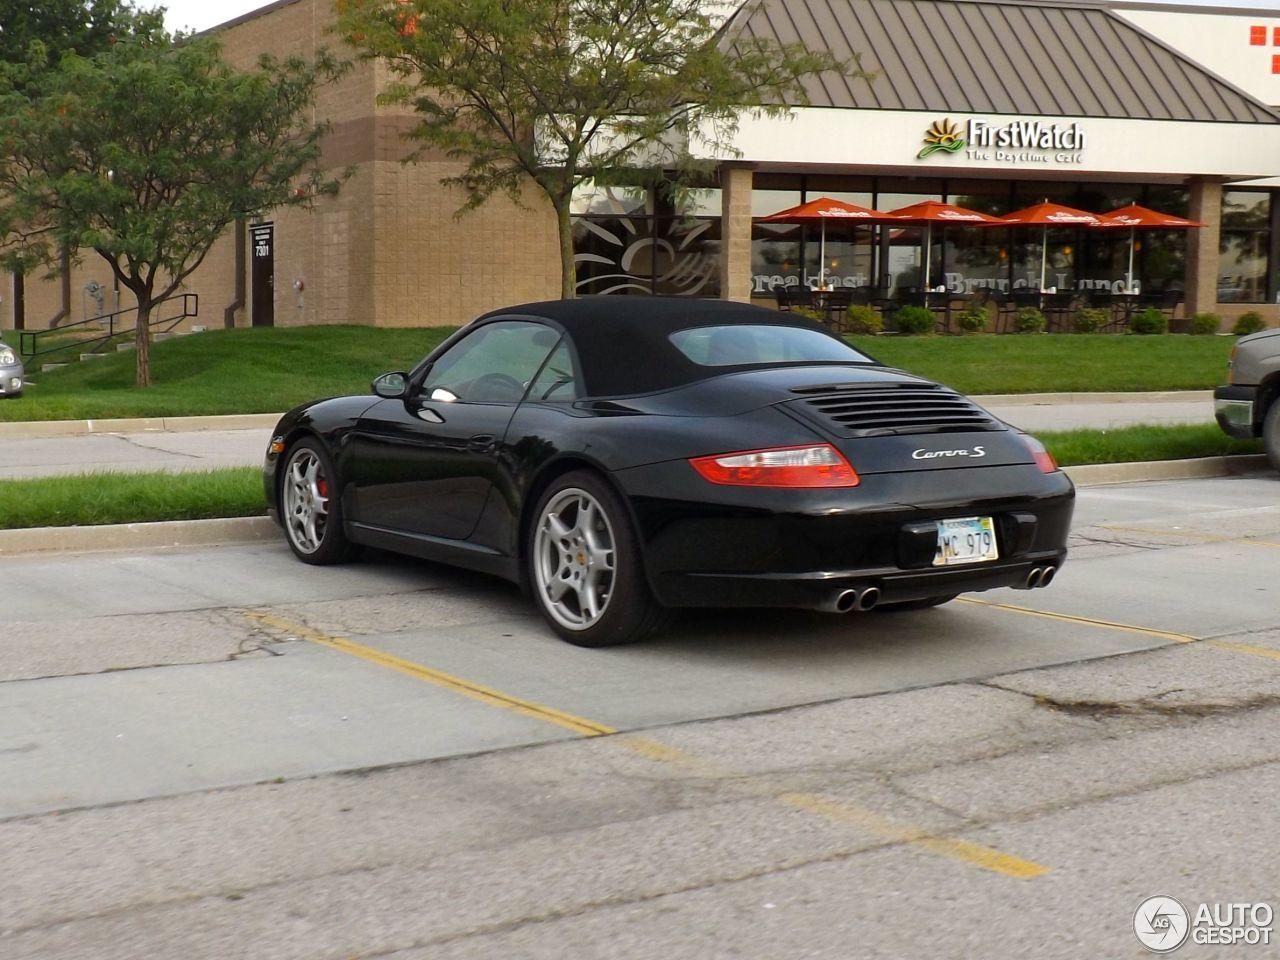 Porsche 997 Carrera S Cabriolet MkI - 5 August 2013 - Auspot on rotiform porsche, poor man's porsche, white porsche, million-dollar porsche, taken 3 porsche, cool porsche, black porsche, brown porsche,